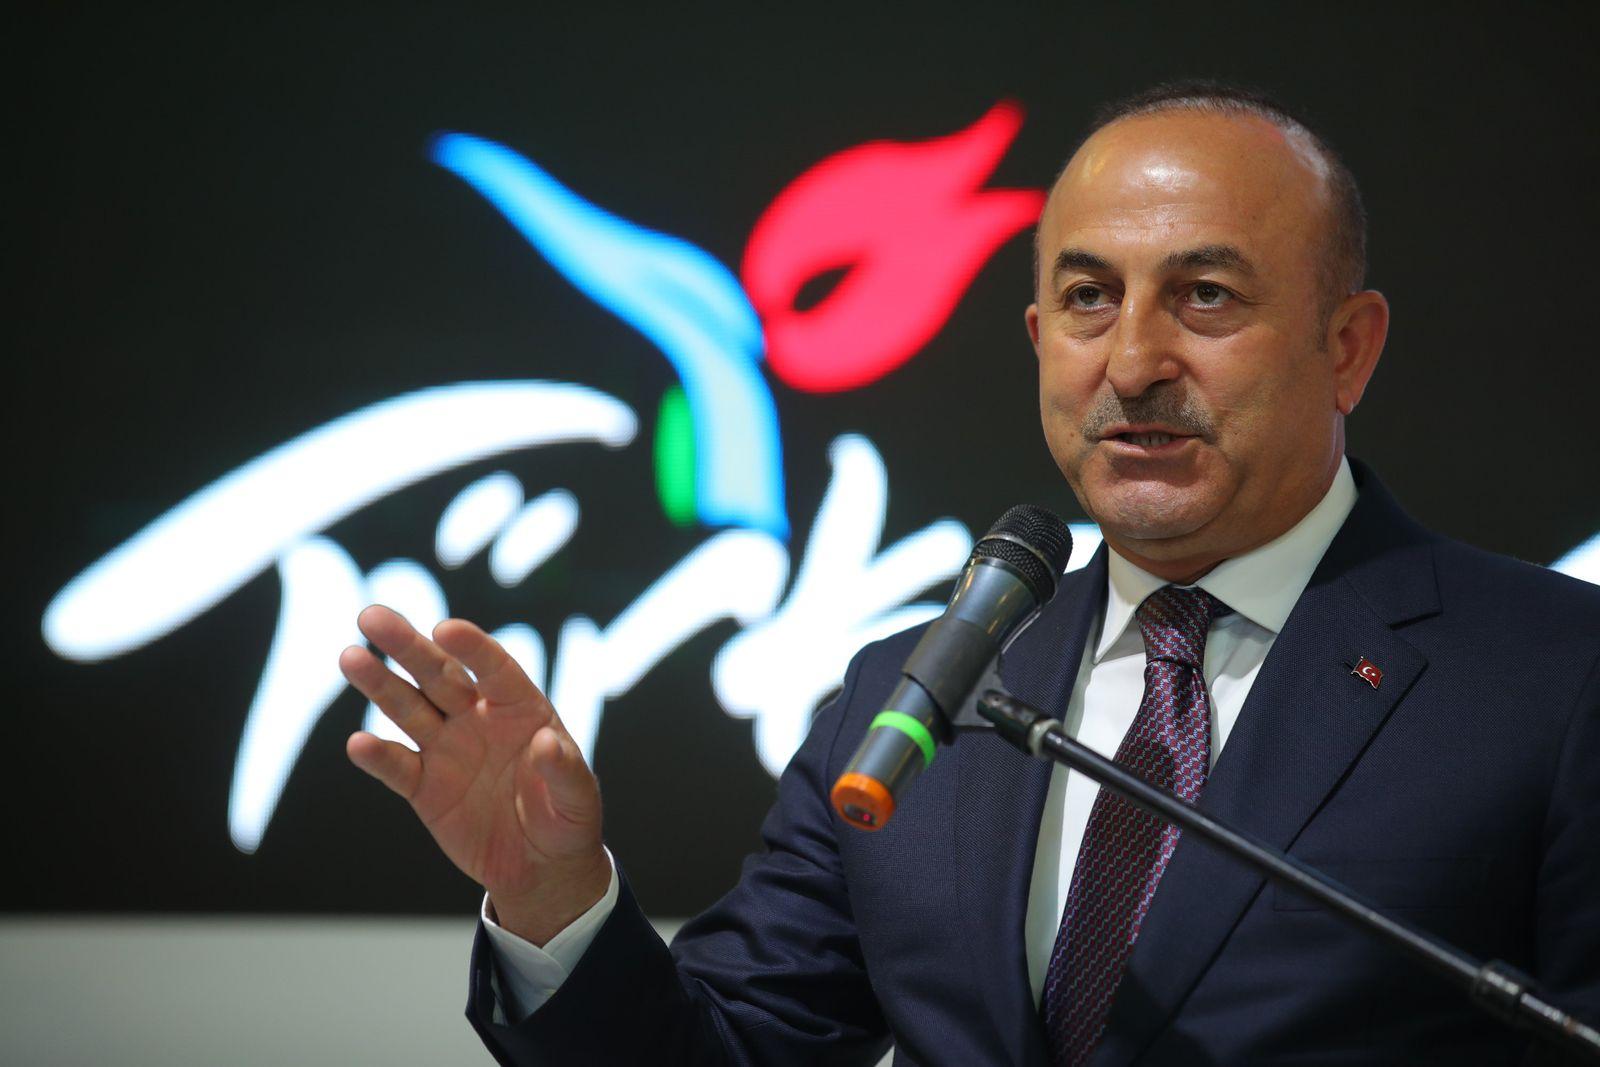 Außenminister Cavusoglu besucht ITB